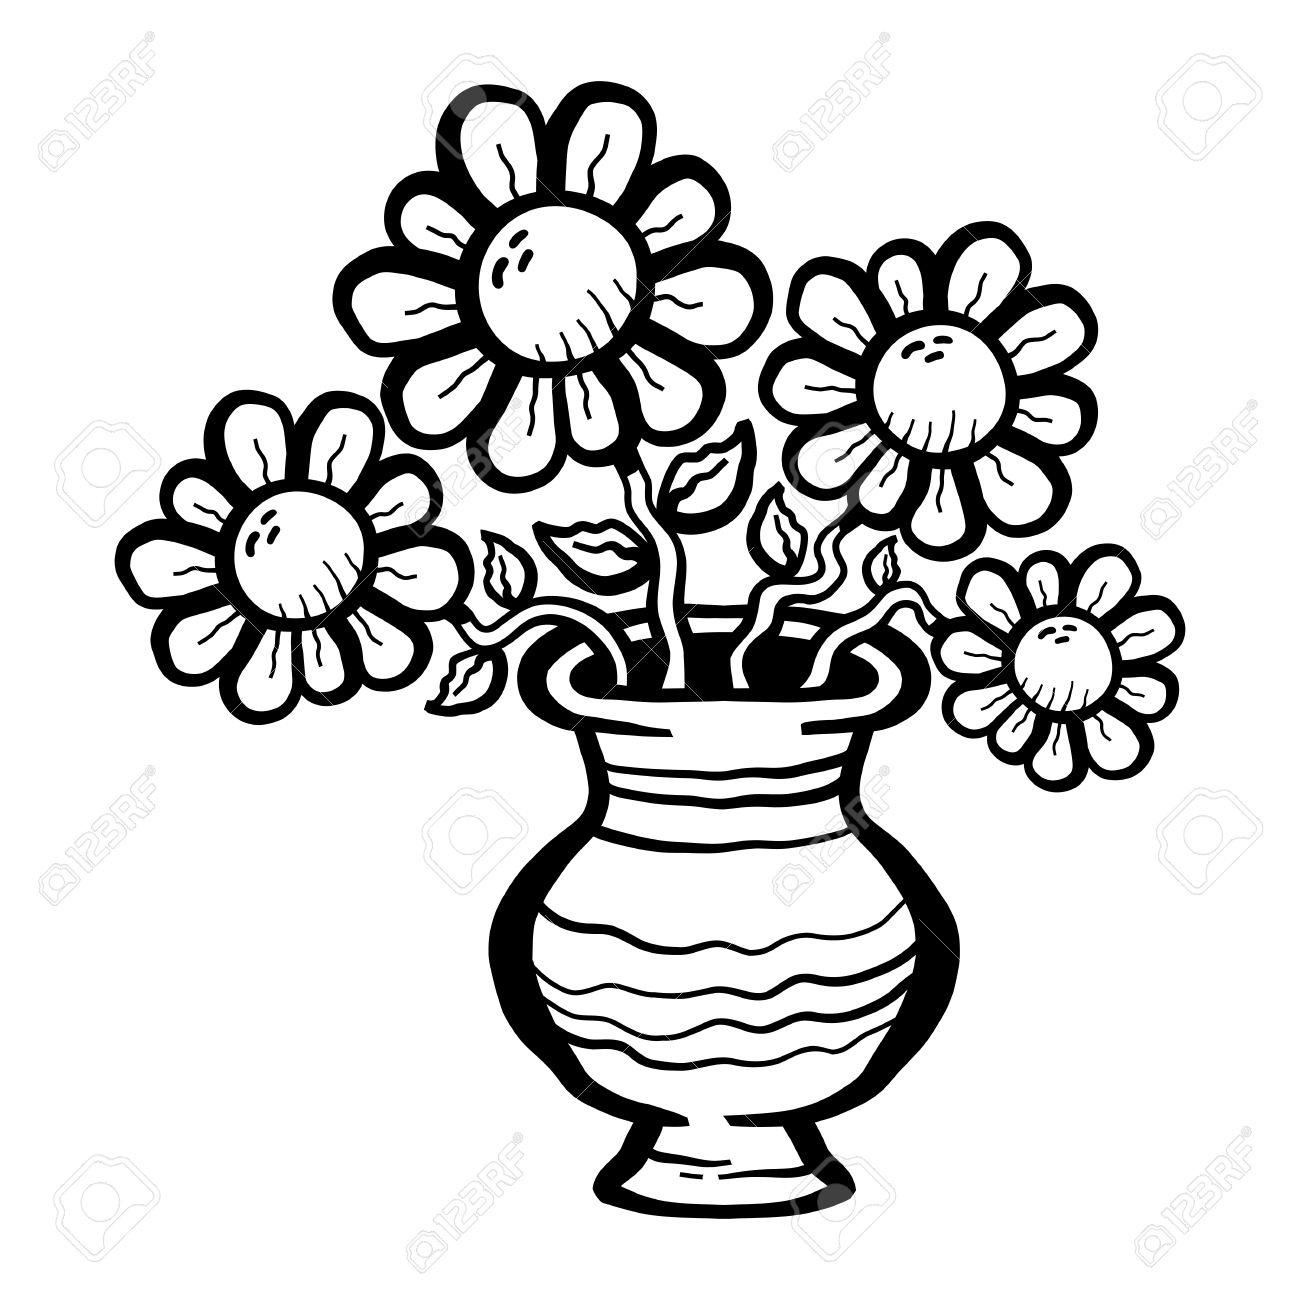 Flower vase clipart black and white Fresh Flower Vase.